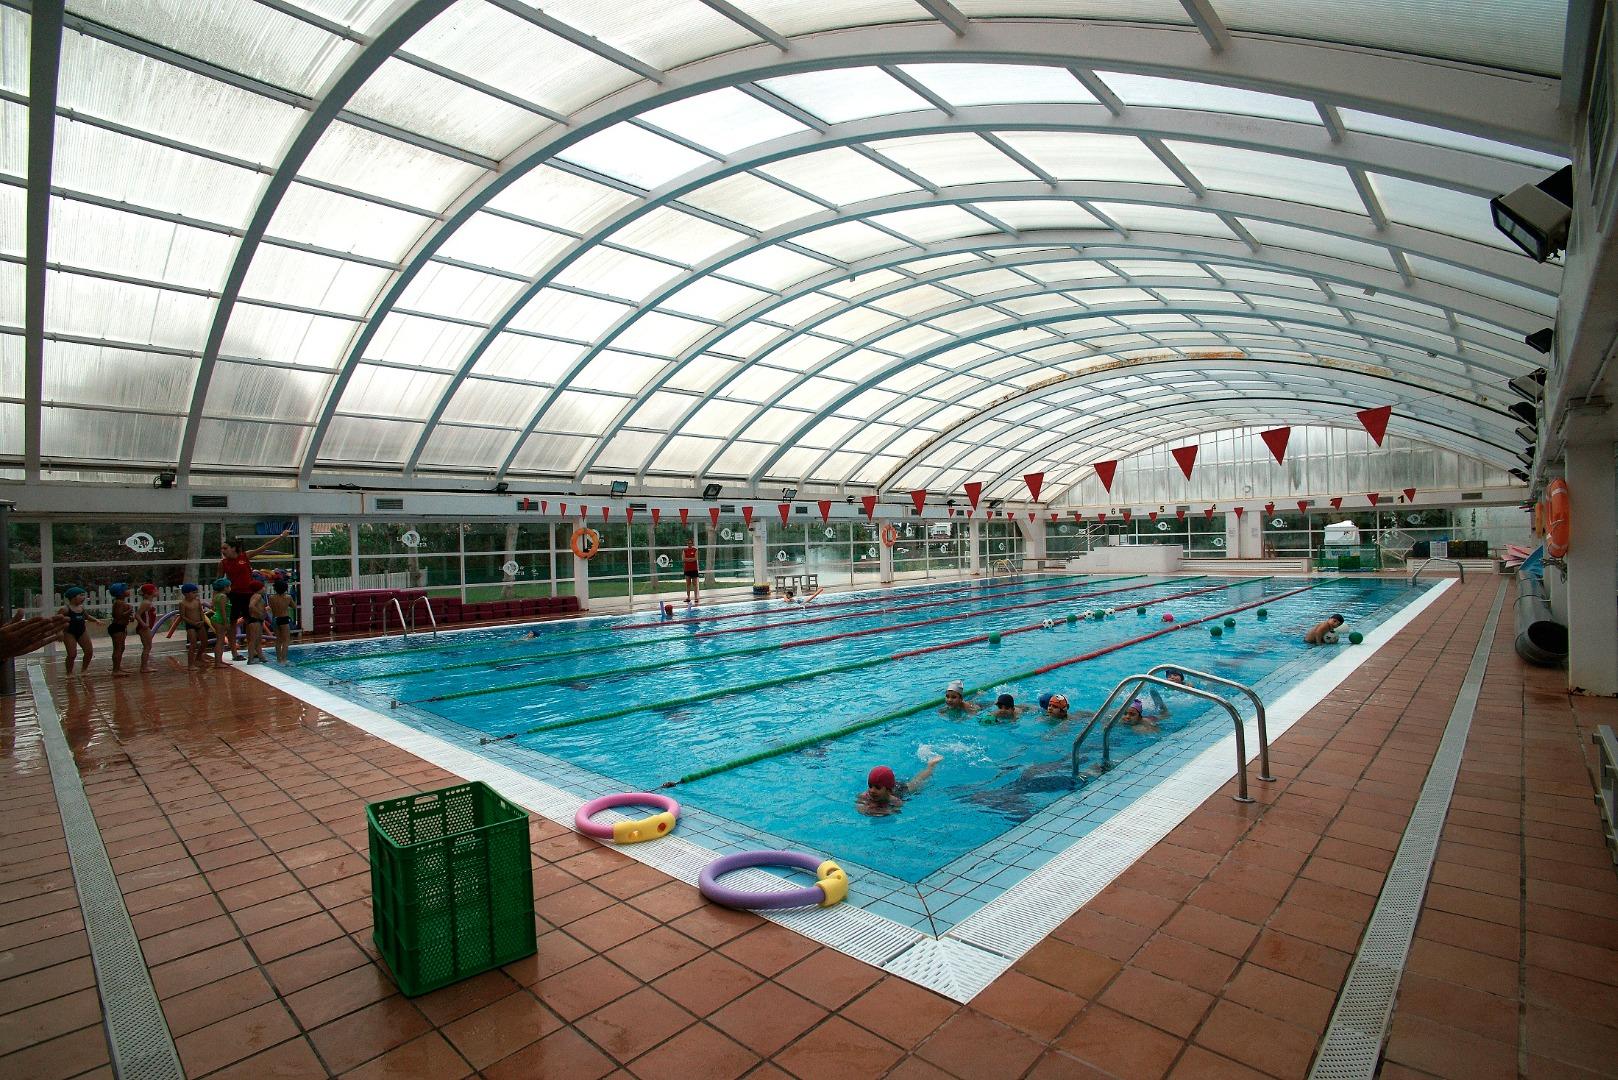 Oferta gimnasio la piscina de piera piera gymforless for Gimnasio piscina sevilla